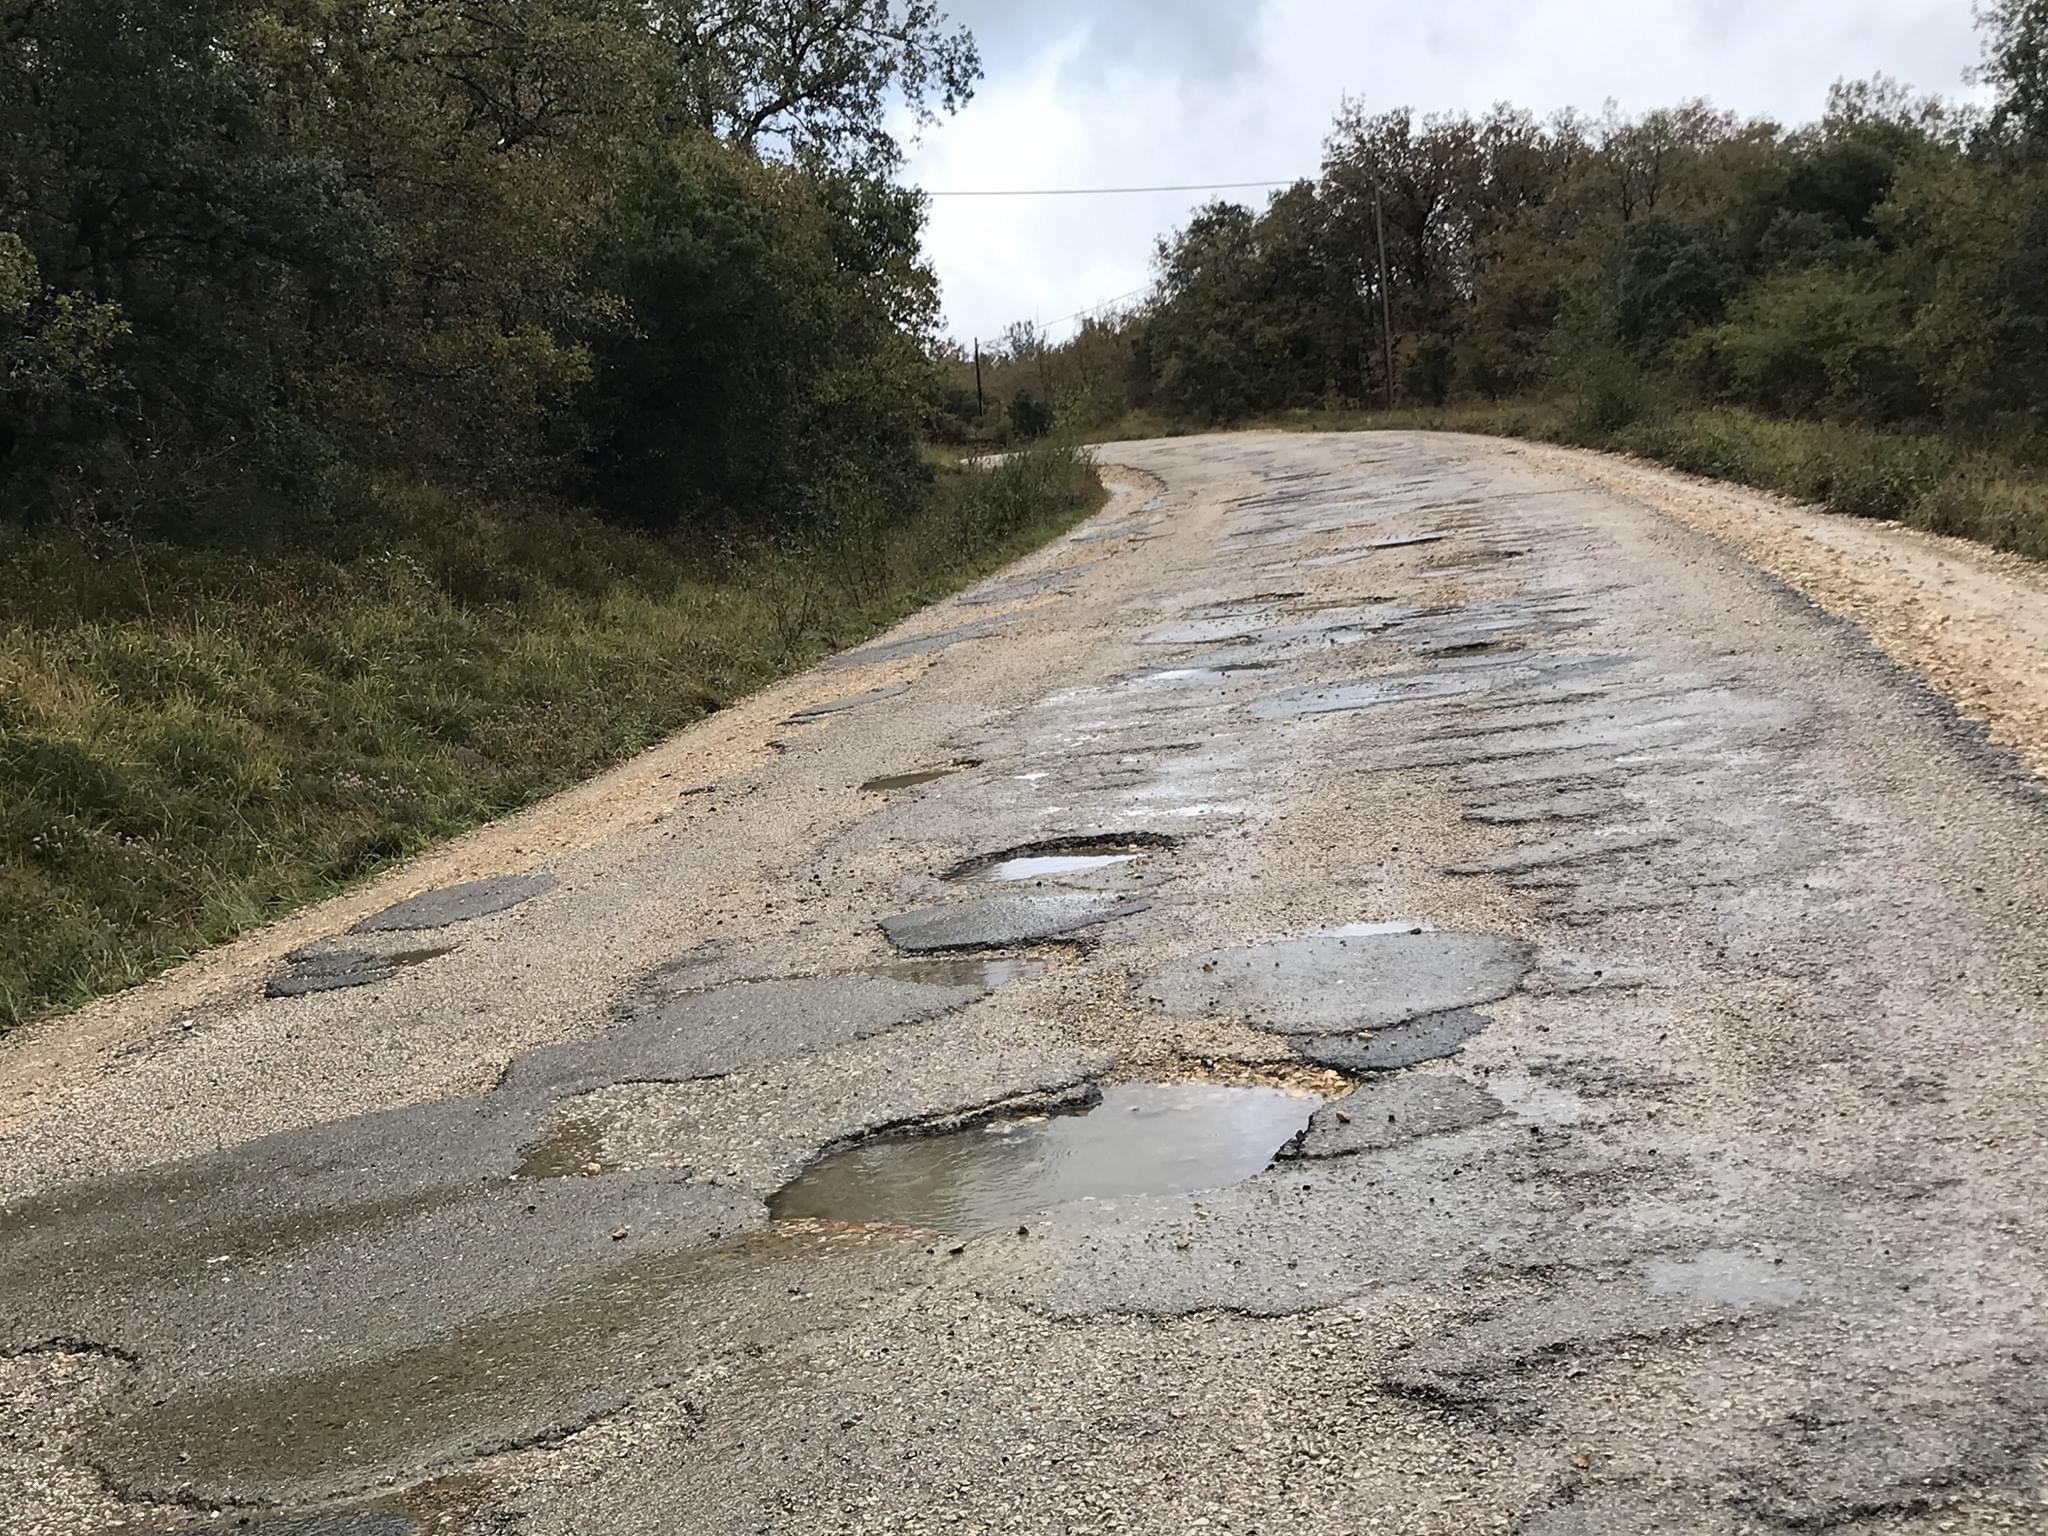 El PP cree que el presupuesto olvida inversiones necesarias, como el arreglo de la carretera entre Santa Olaja y Angulo.